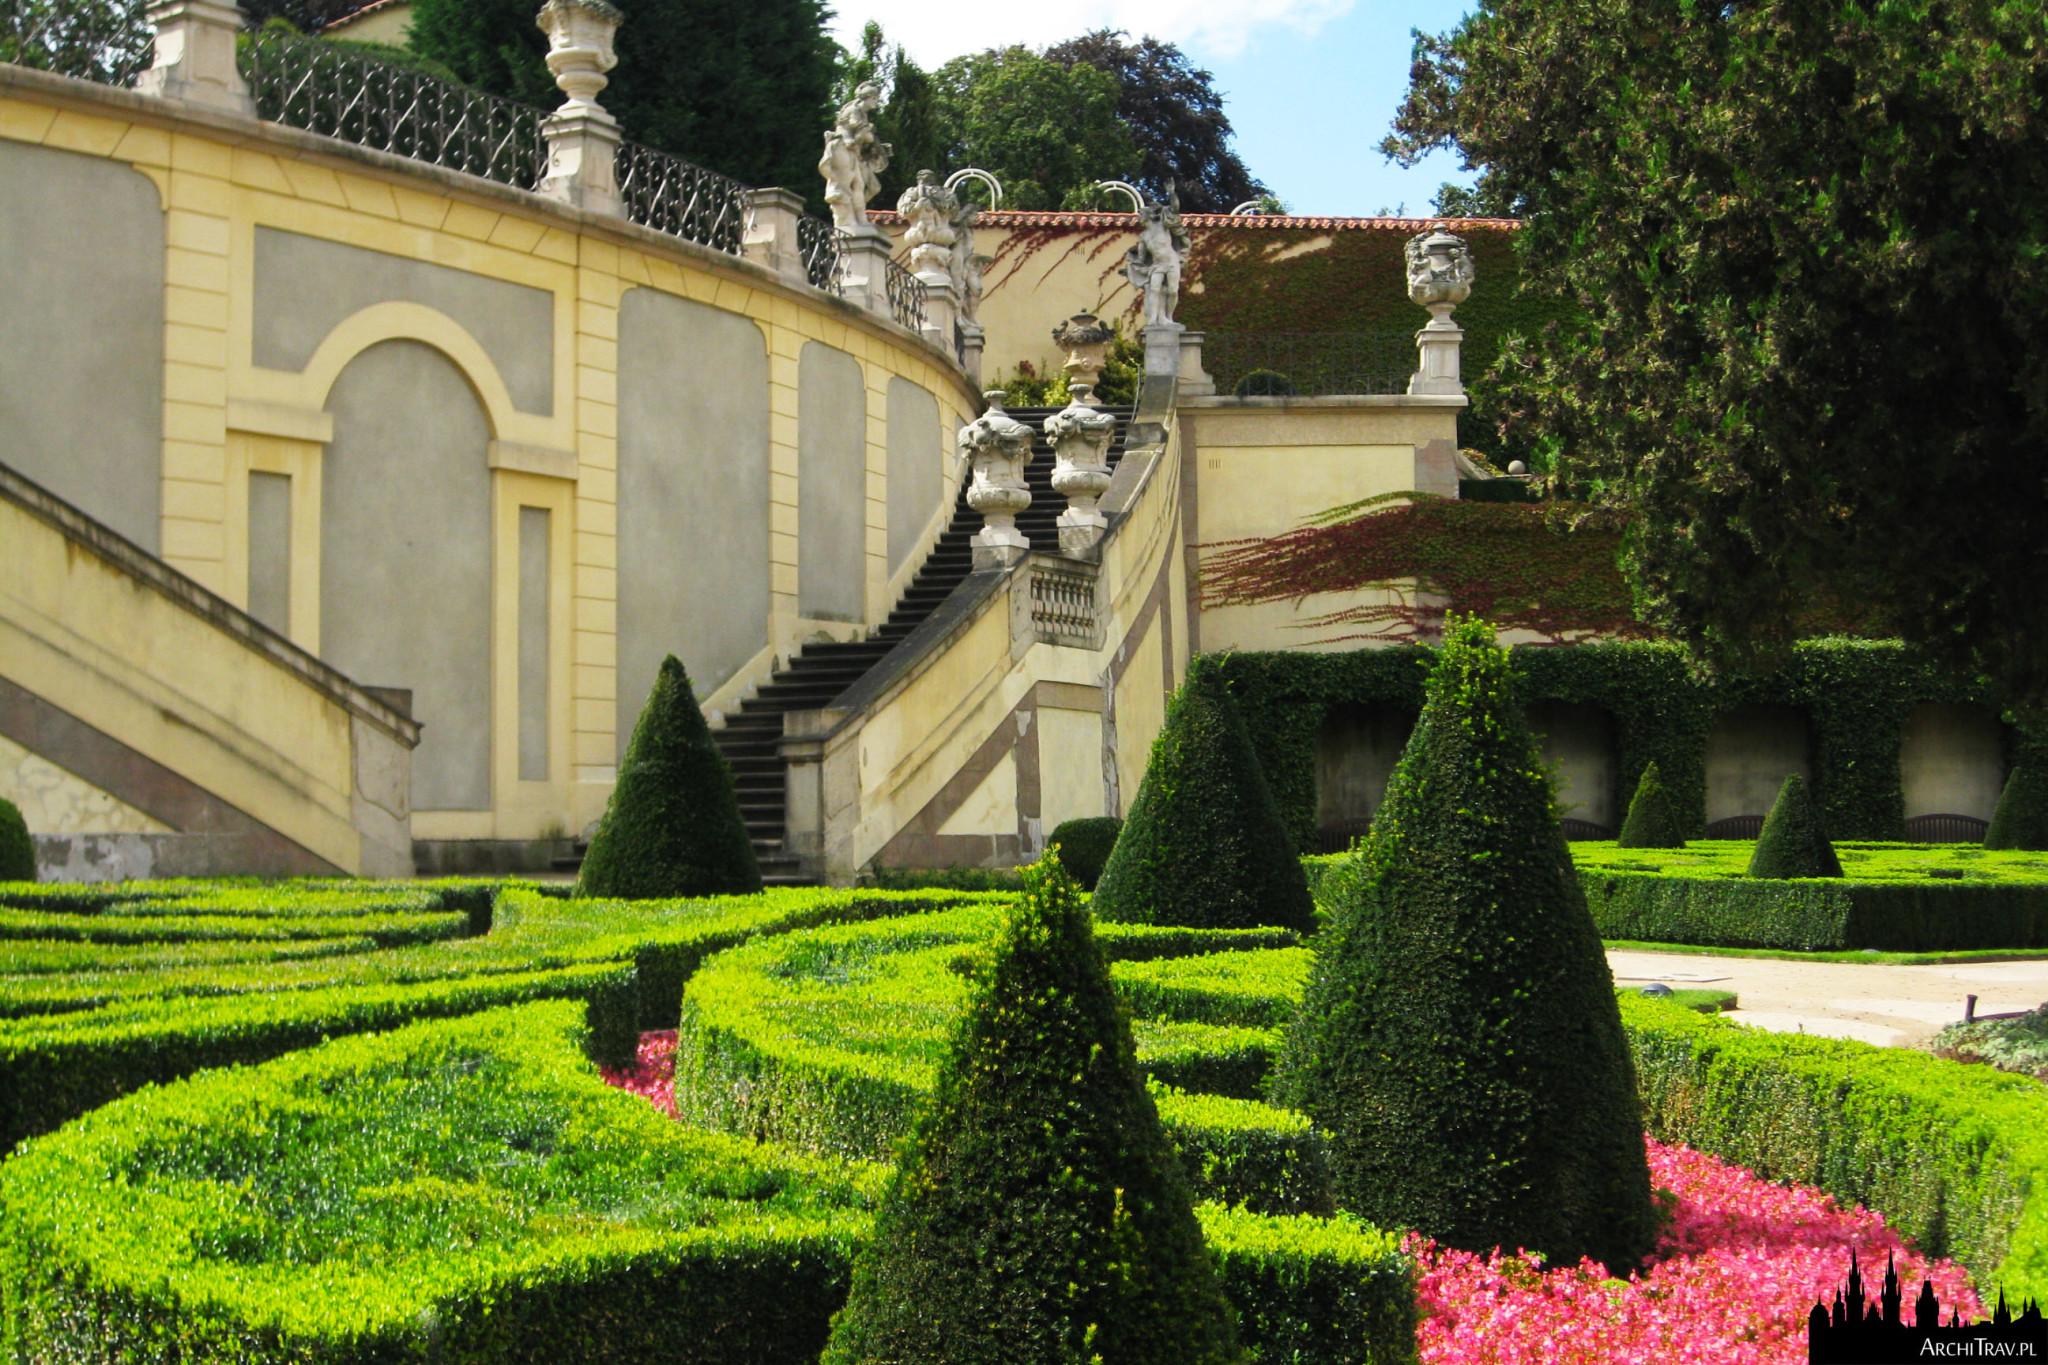 widok na pierwszy poziom tarasowego Ogrodu Vrtbowskiego ukazujący soczystą zieleń bukszpanu